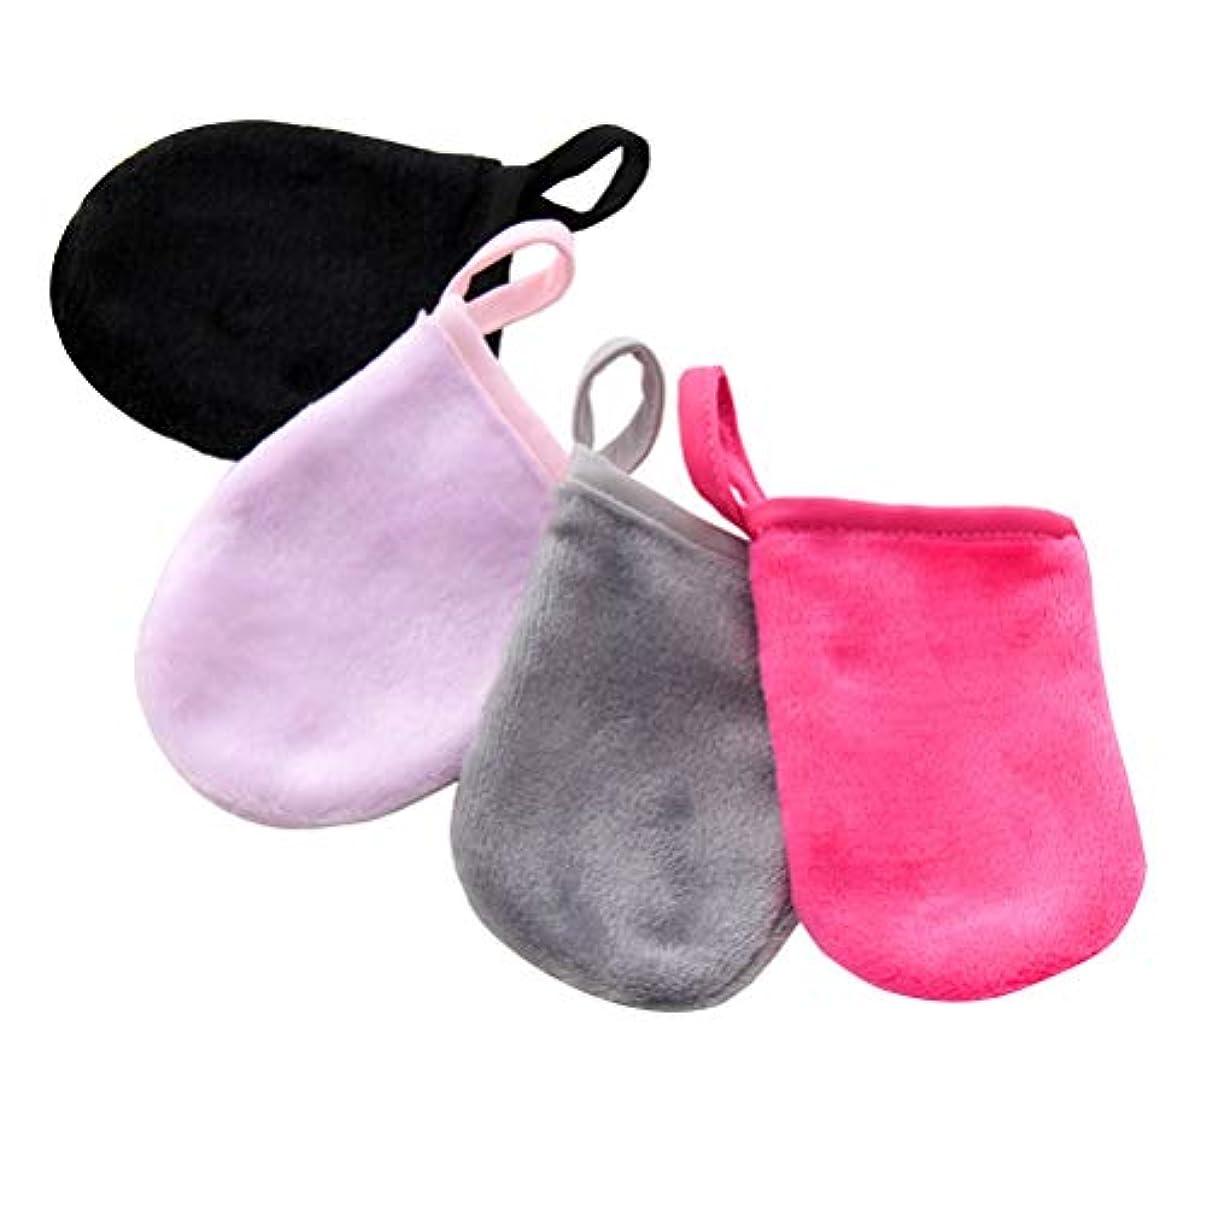 スリラー保険またはTOPBATHY 4ピースフェイスクレンジング手袋マイクロファイバーメイク落とし手袋ソフト再利用可能な顔の布タオルパッドスパミット用女性女の子(混色)